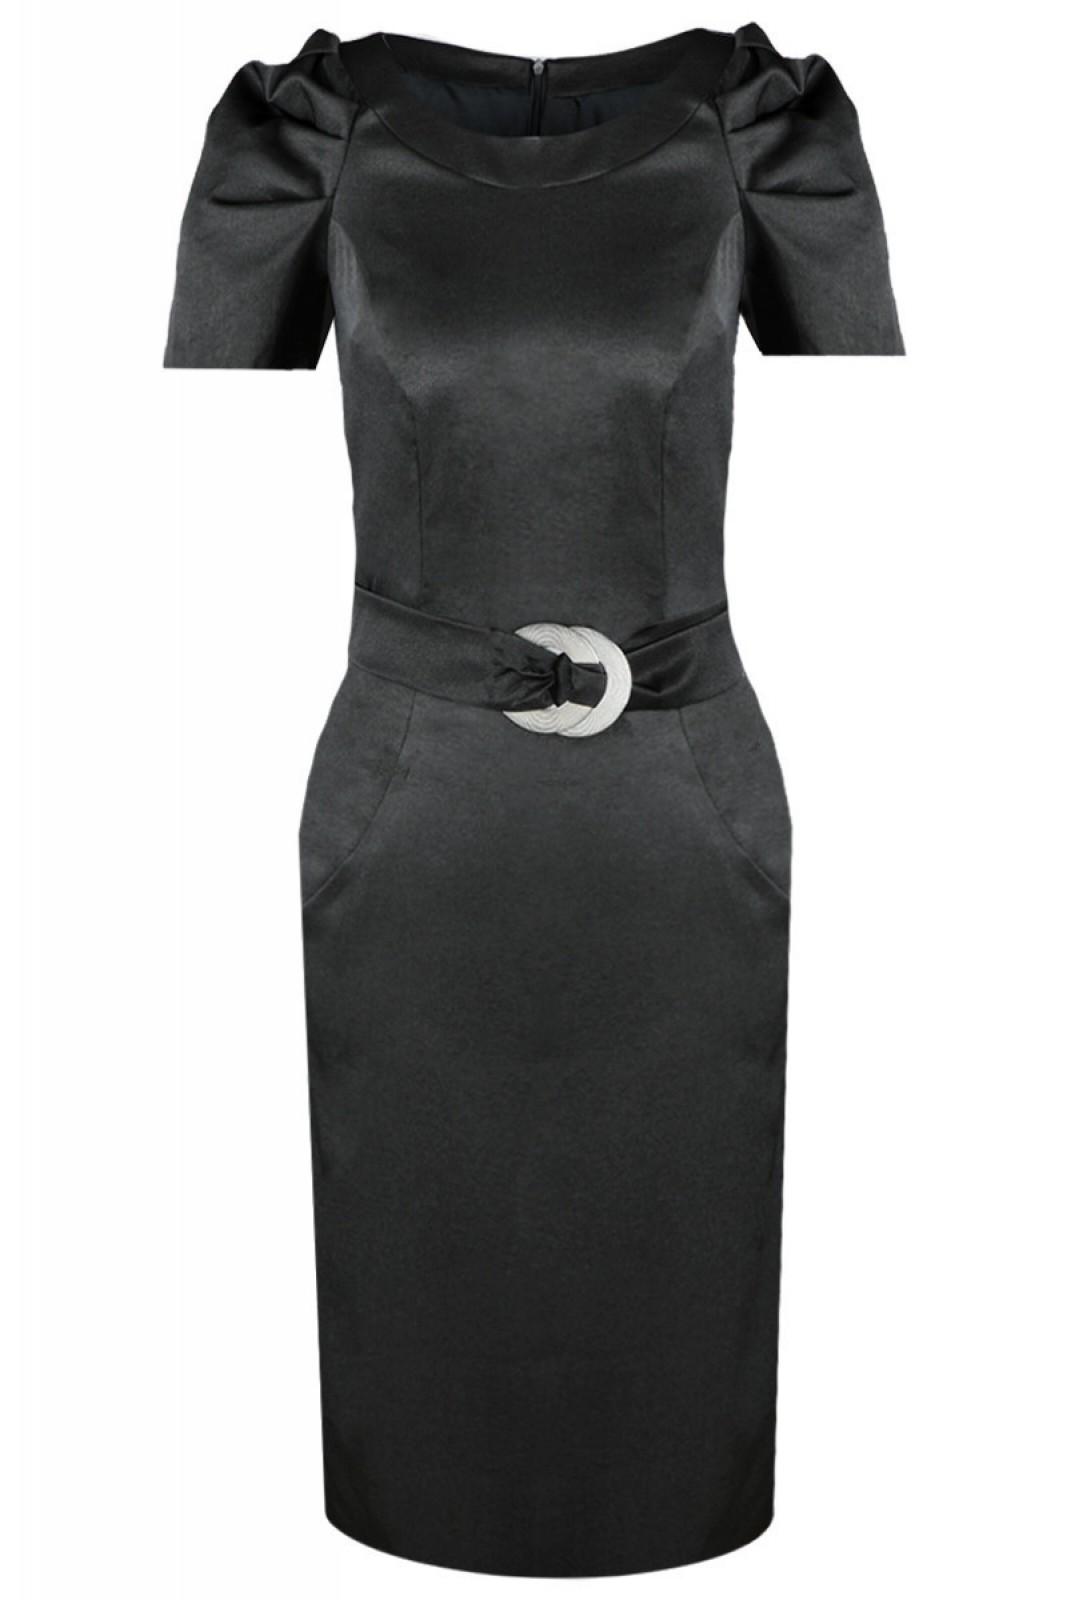 Zeitlos-elegantes Kleid in Schwarz mit gerafften kurzen Ärmeln - ...